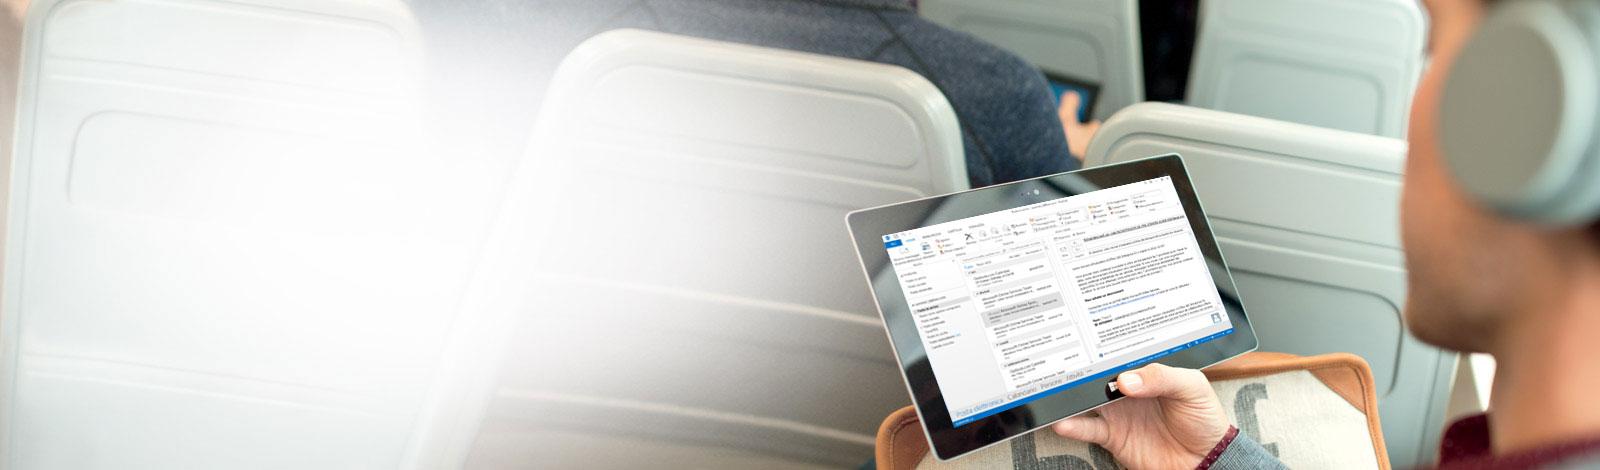 Uomo con un tablet che mostra la sua Posta in arrivo. Accedi alla posta elettronica ovunque con Office 365.